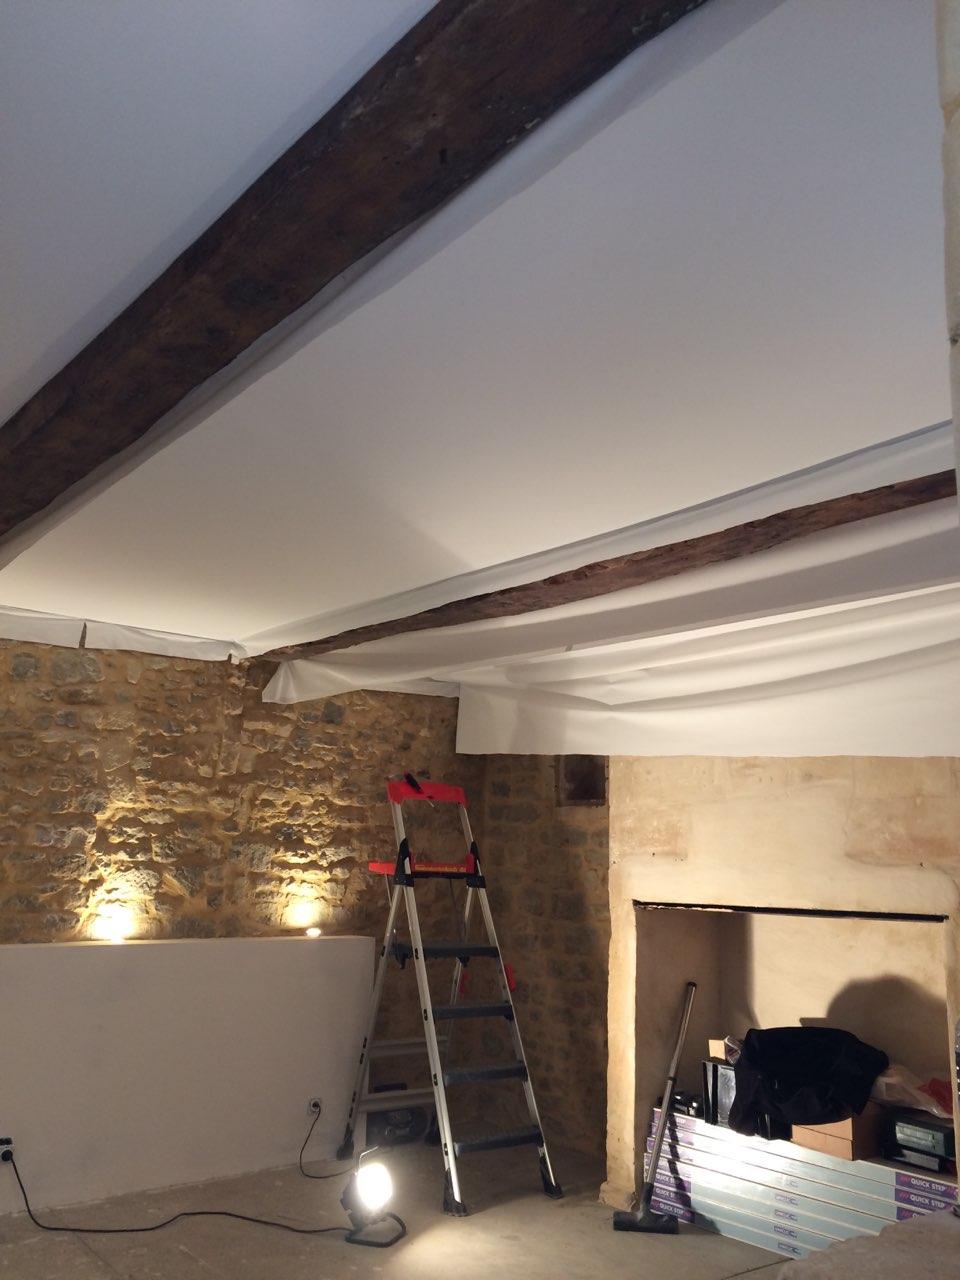 Pose d un plafond tendu cool pose d un plafond tendu with pose d un plafond tendu latest pose - Pose toile tendue plafond ...